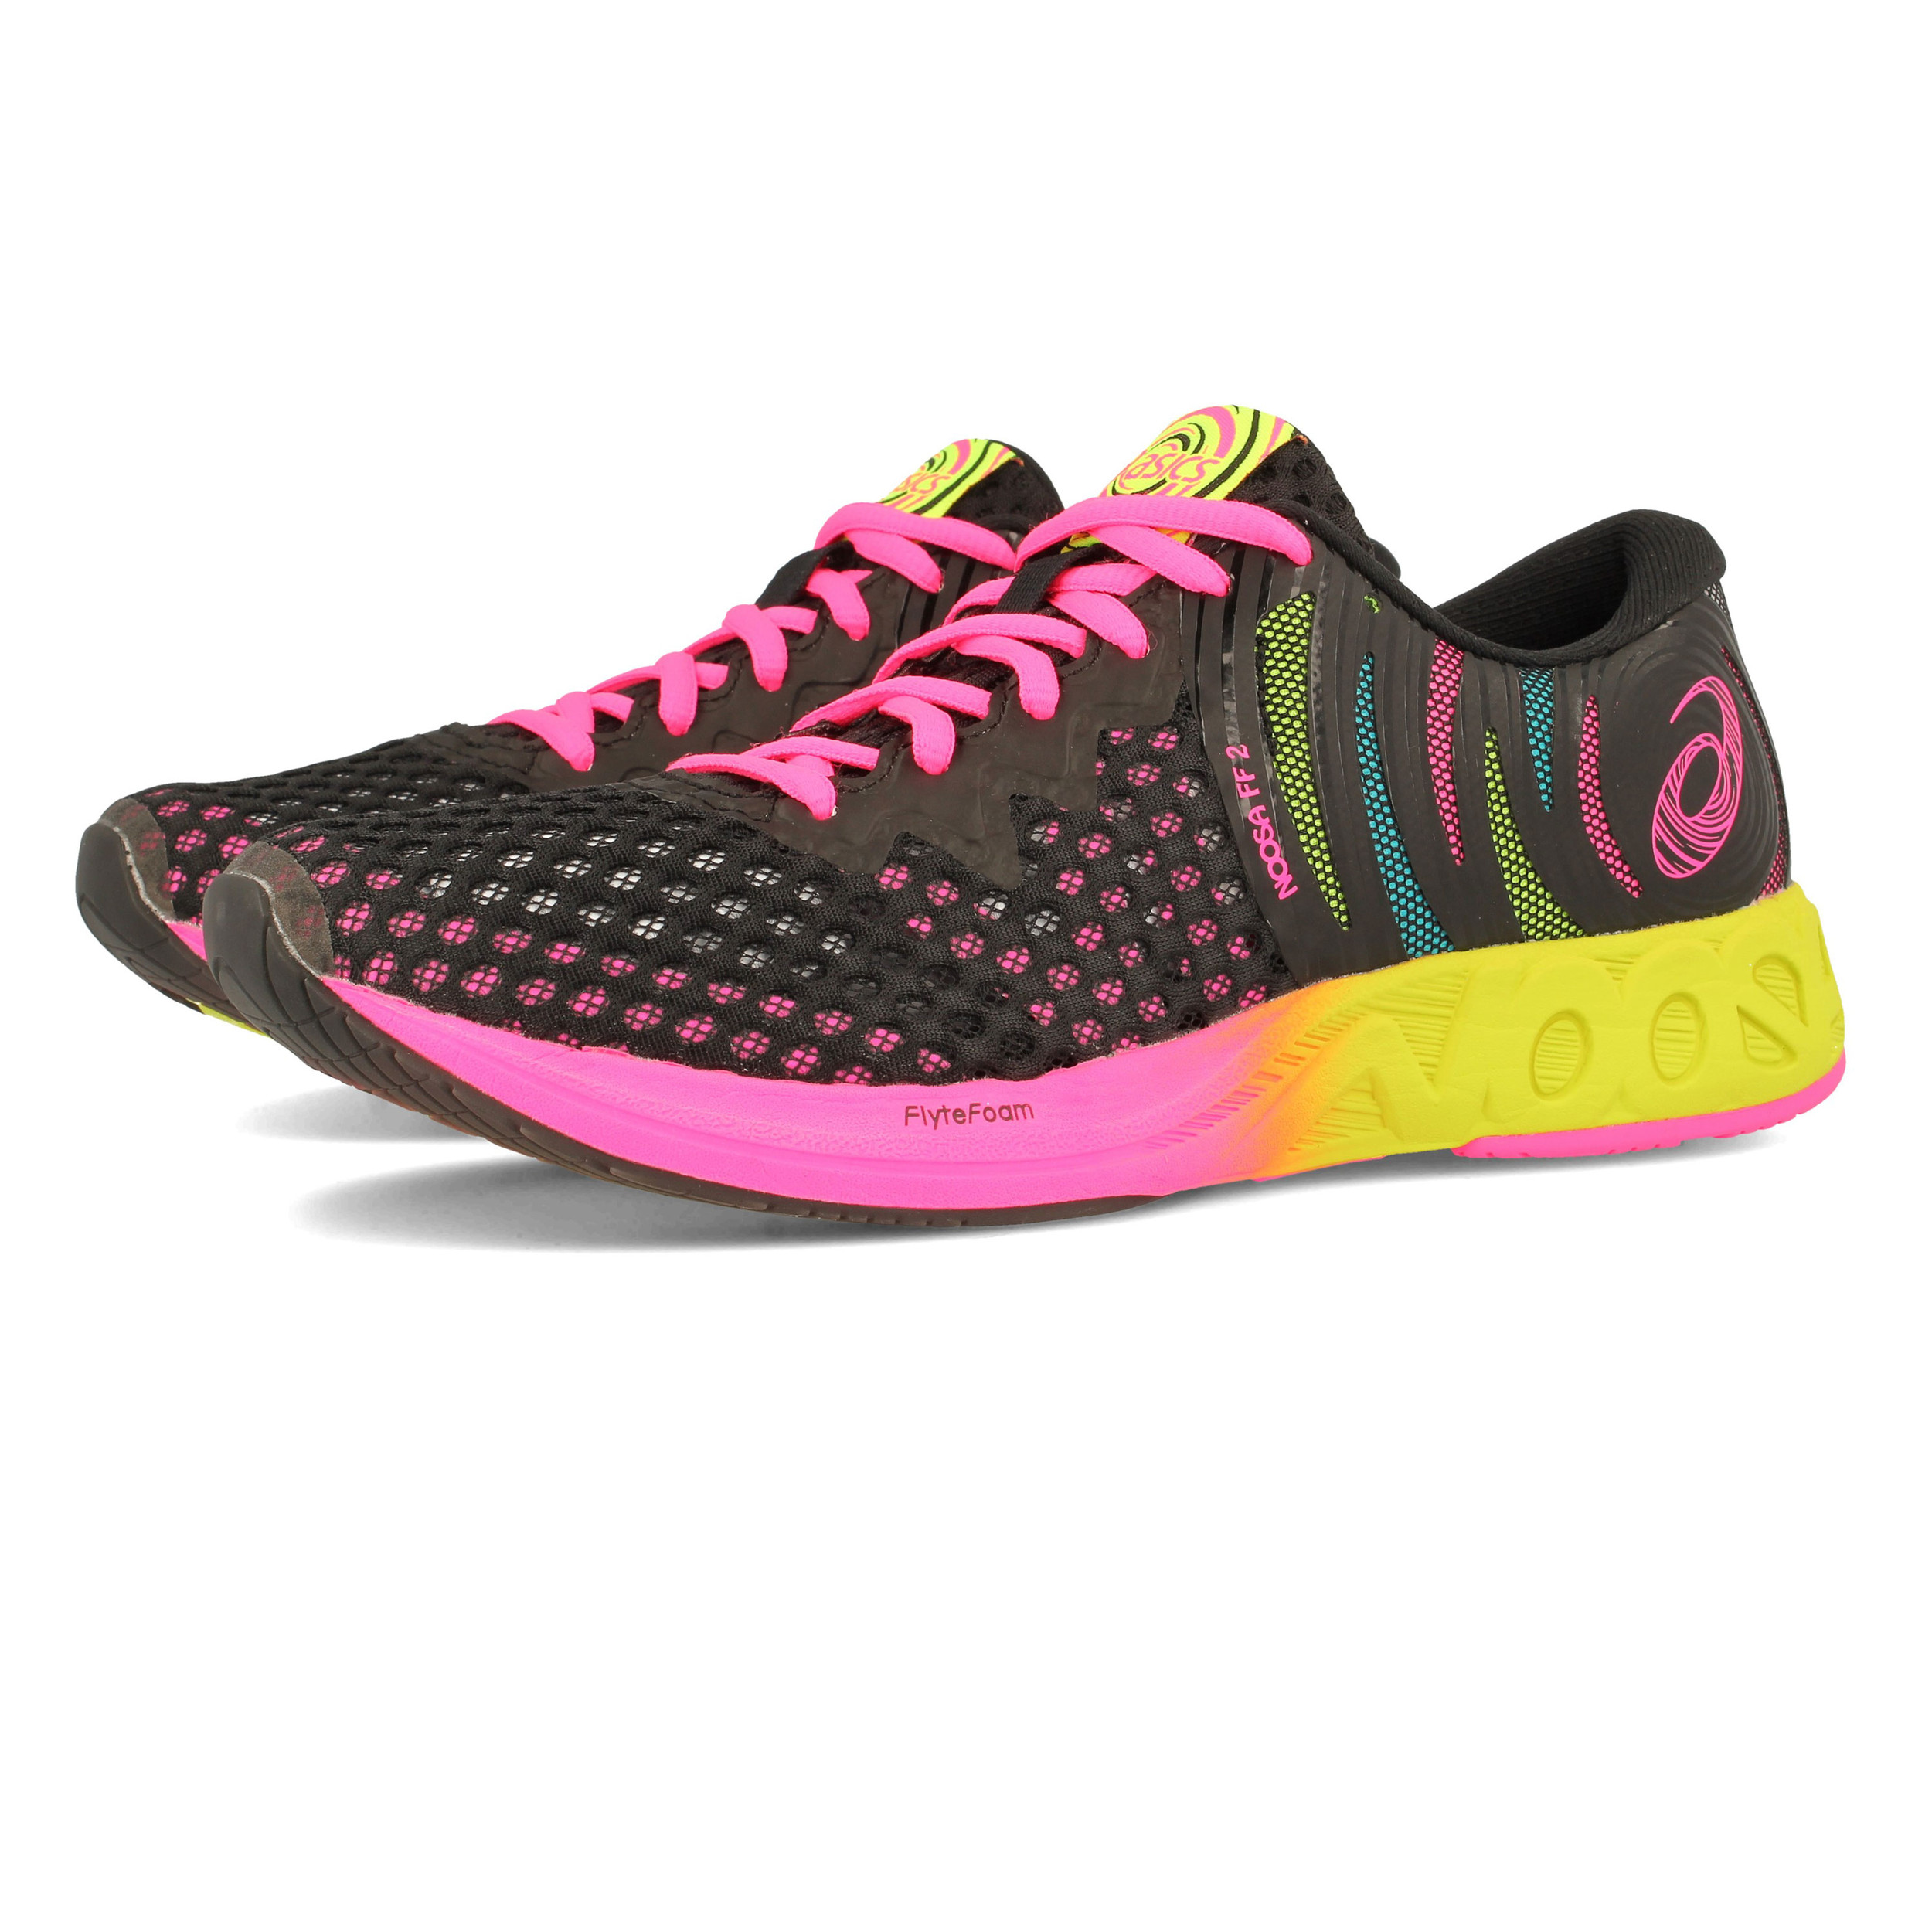 065f1d2fe Asics Mujer Gel-noosa Ff 2 Correr Zapatos Zapatillas Negro Deporte Running